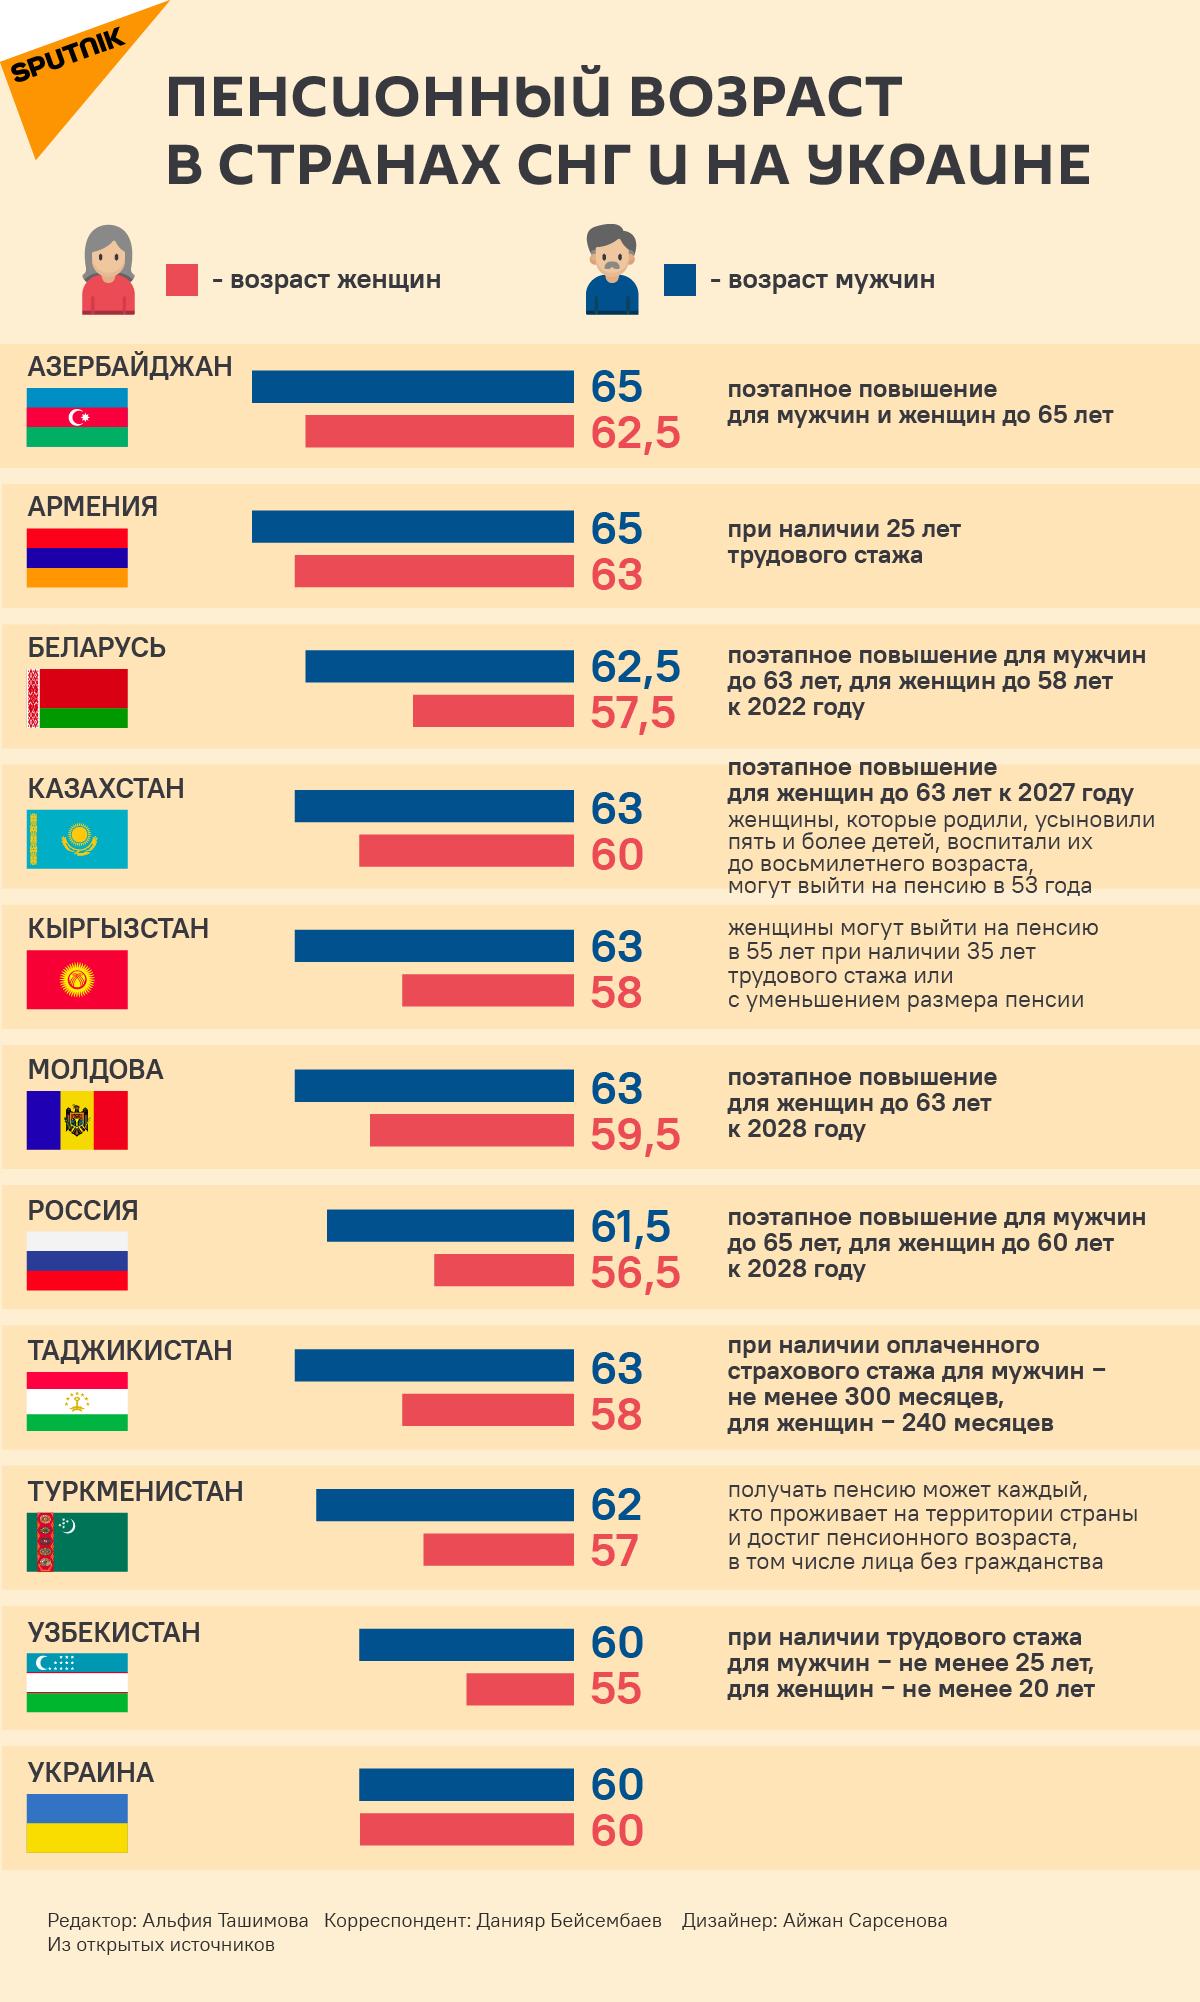 Пенсионный возраст в странах СНГ и Украине